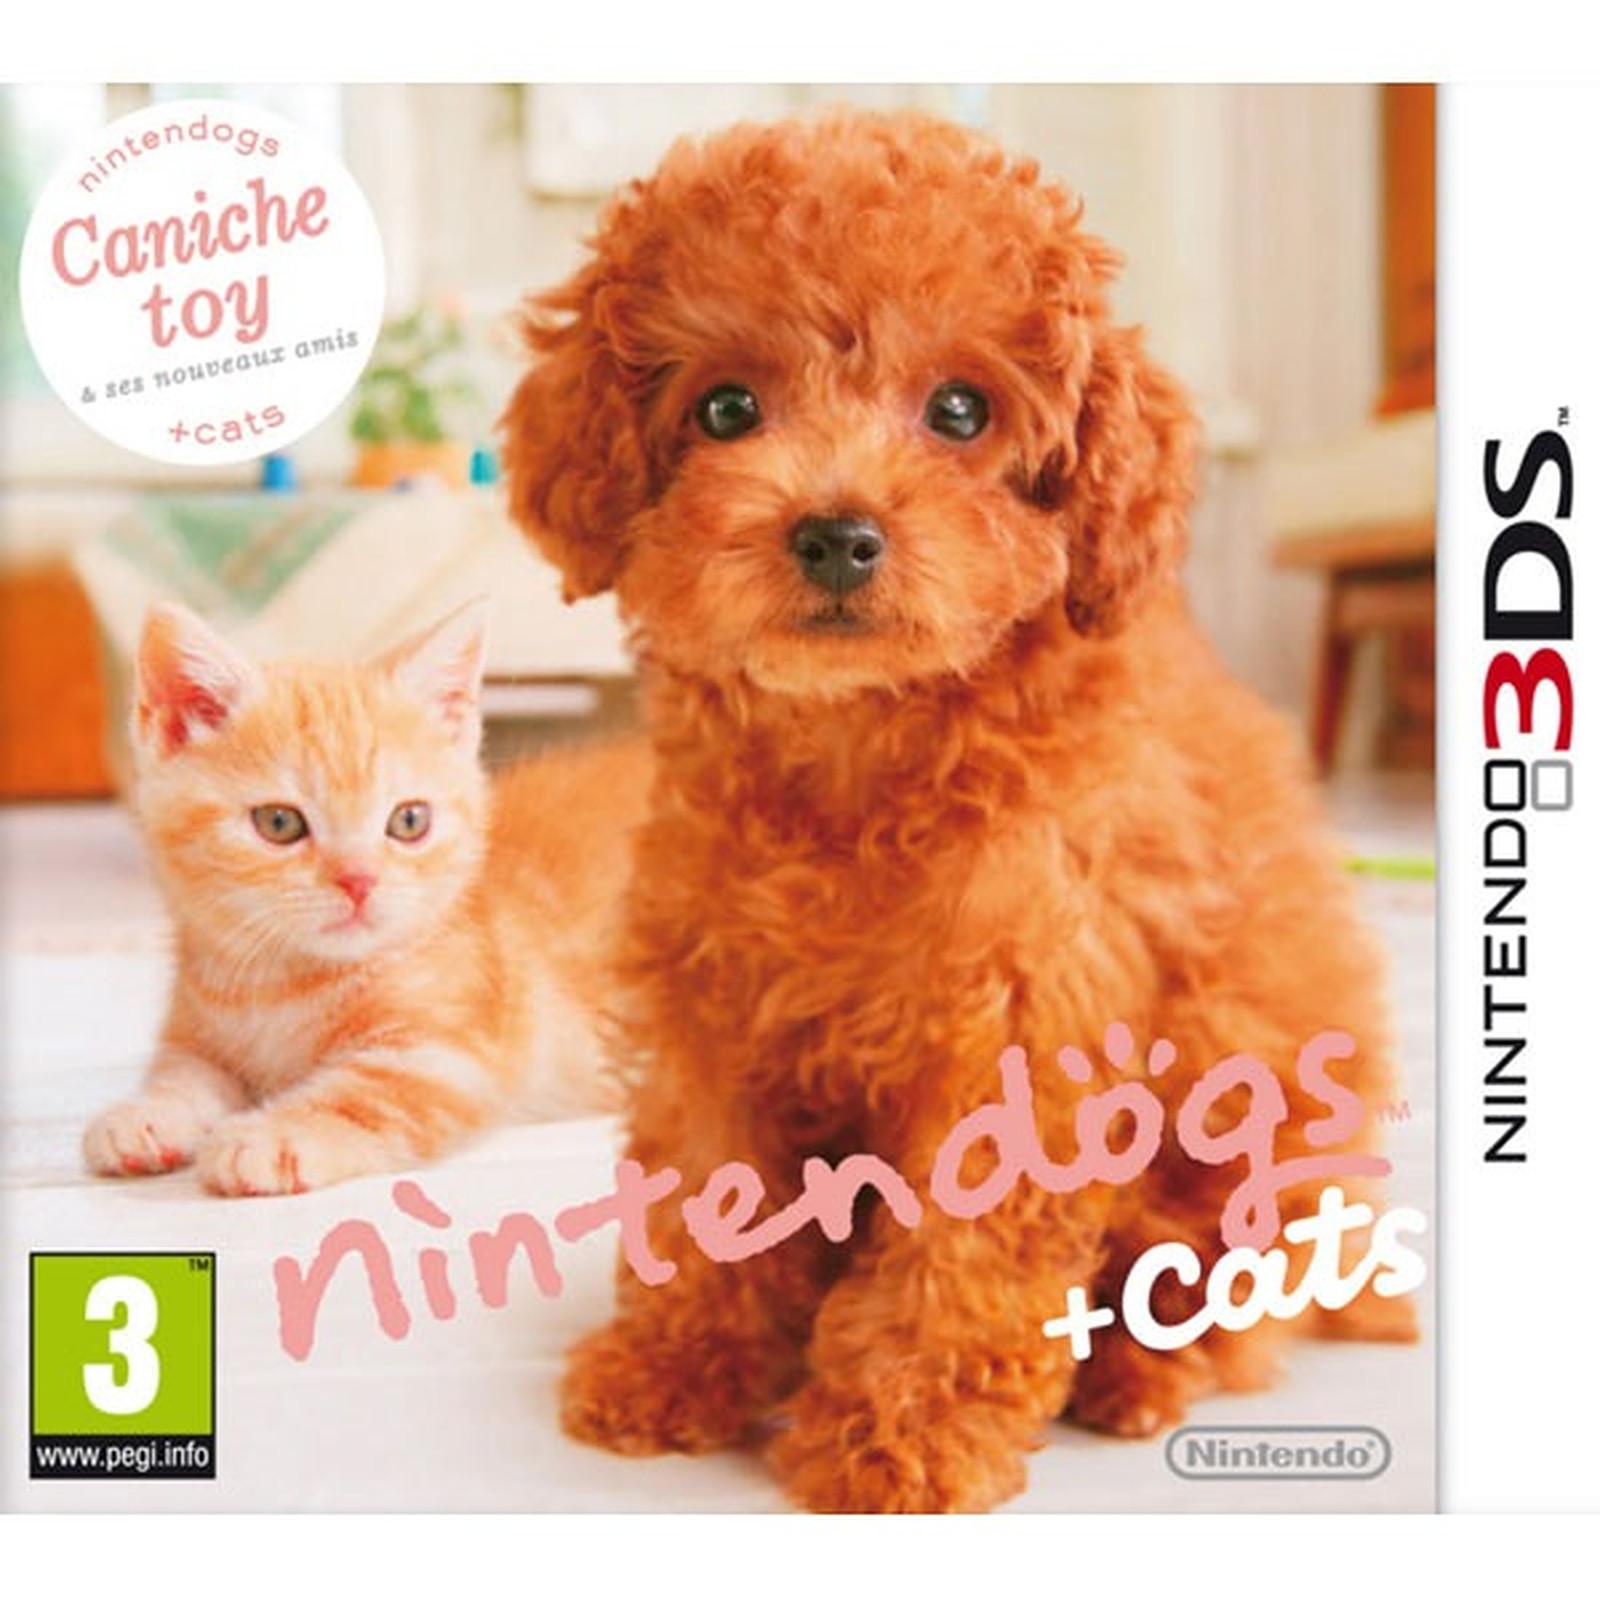 Nintendogs + cats : Caniche toy & ses nouveaux amis (Nintendo 3DS)